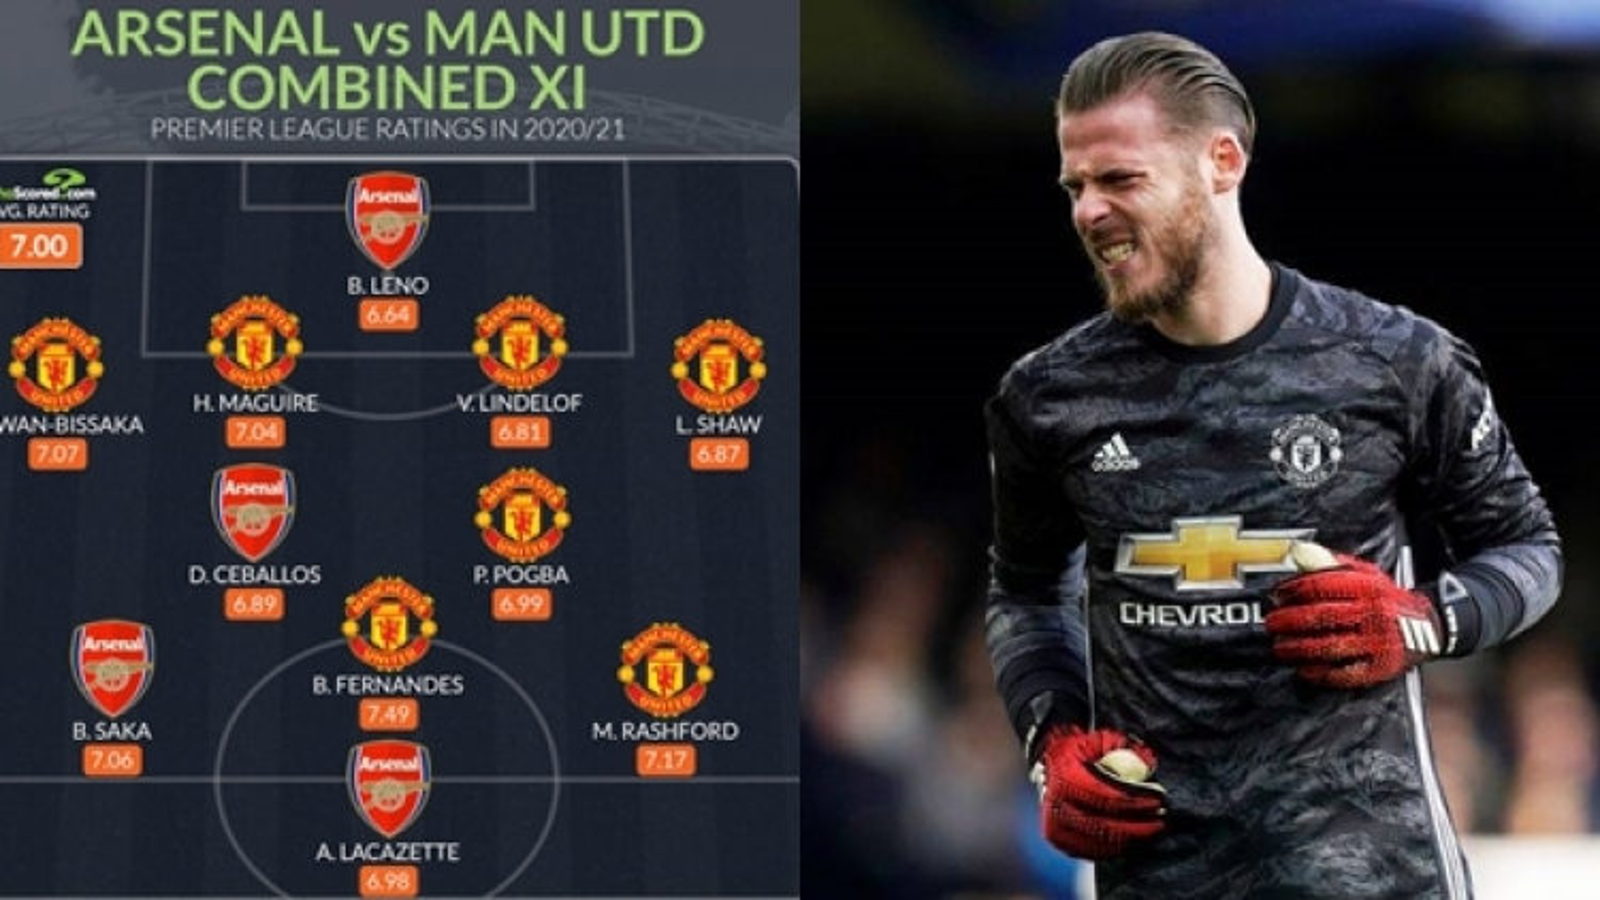 Đội hình kết hợp lý tưởng giữa Arsenal và MU: Không có chỗ cho De Gea